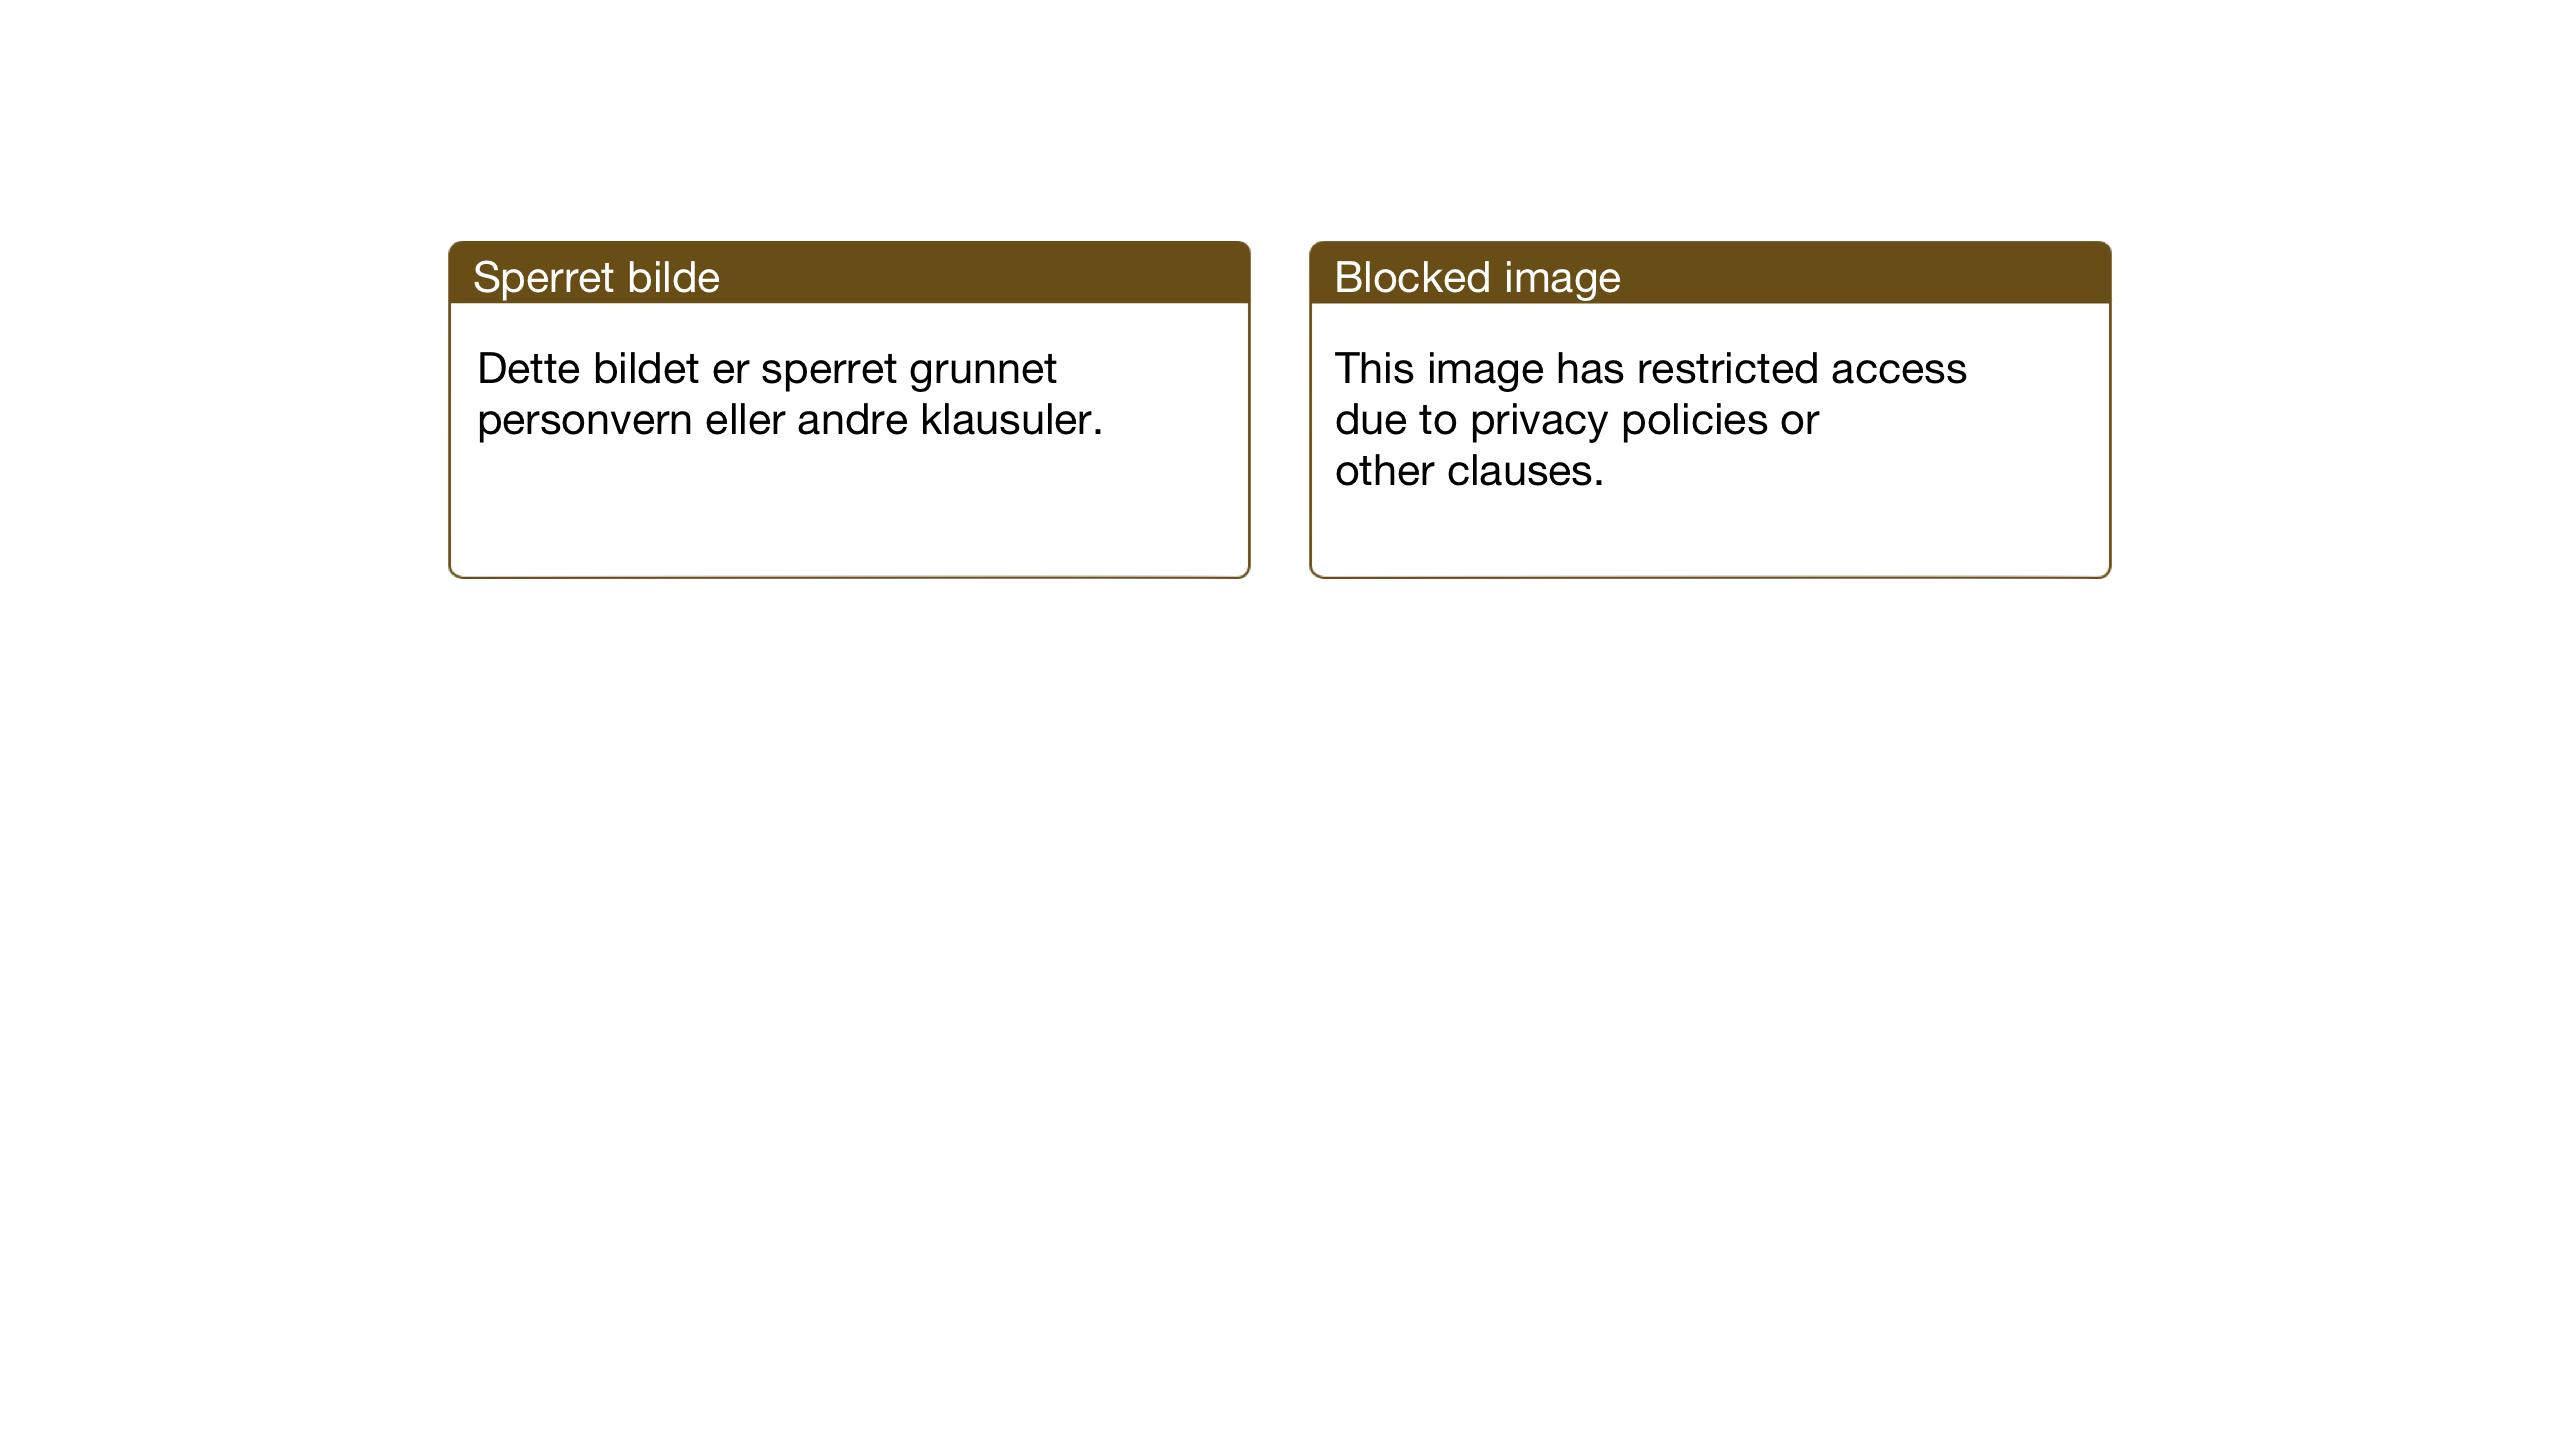 SAT, Ministerialprotokoller, klokkerbøker og fødselsregistre - Sør-Trøndelag, 617/L0433: Klokkerbok nr. 617C04, 1942-1947, s. 15